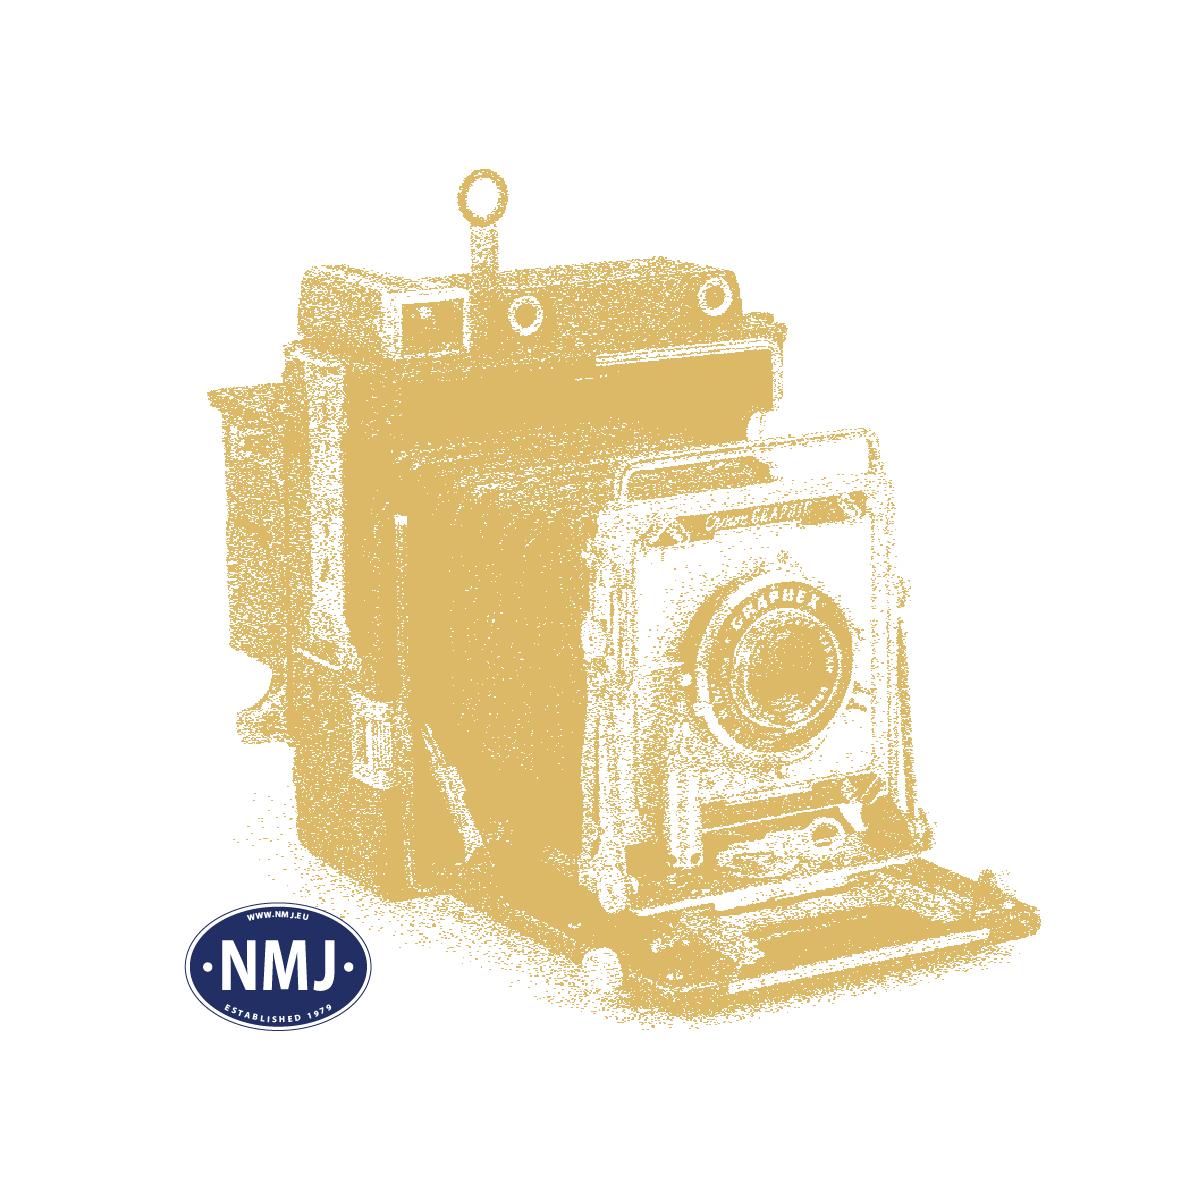 NMJTKAT17 - NMJ Catalouge bundle for 2017, NMJ Superline, Topline og Skyline